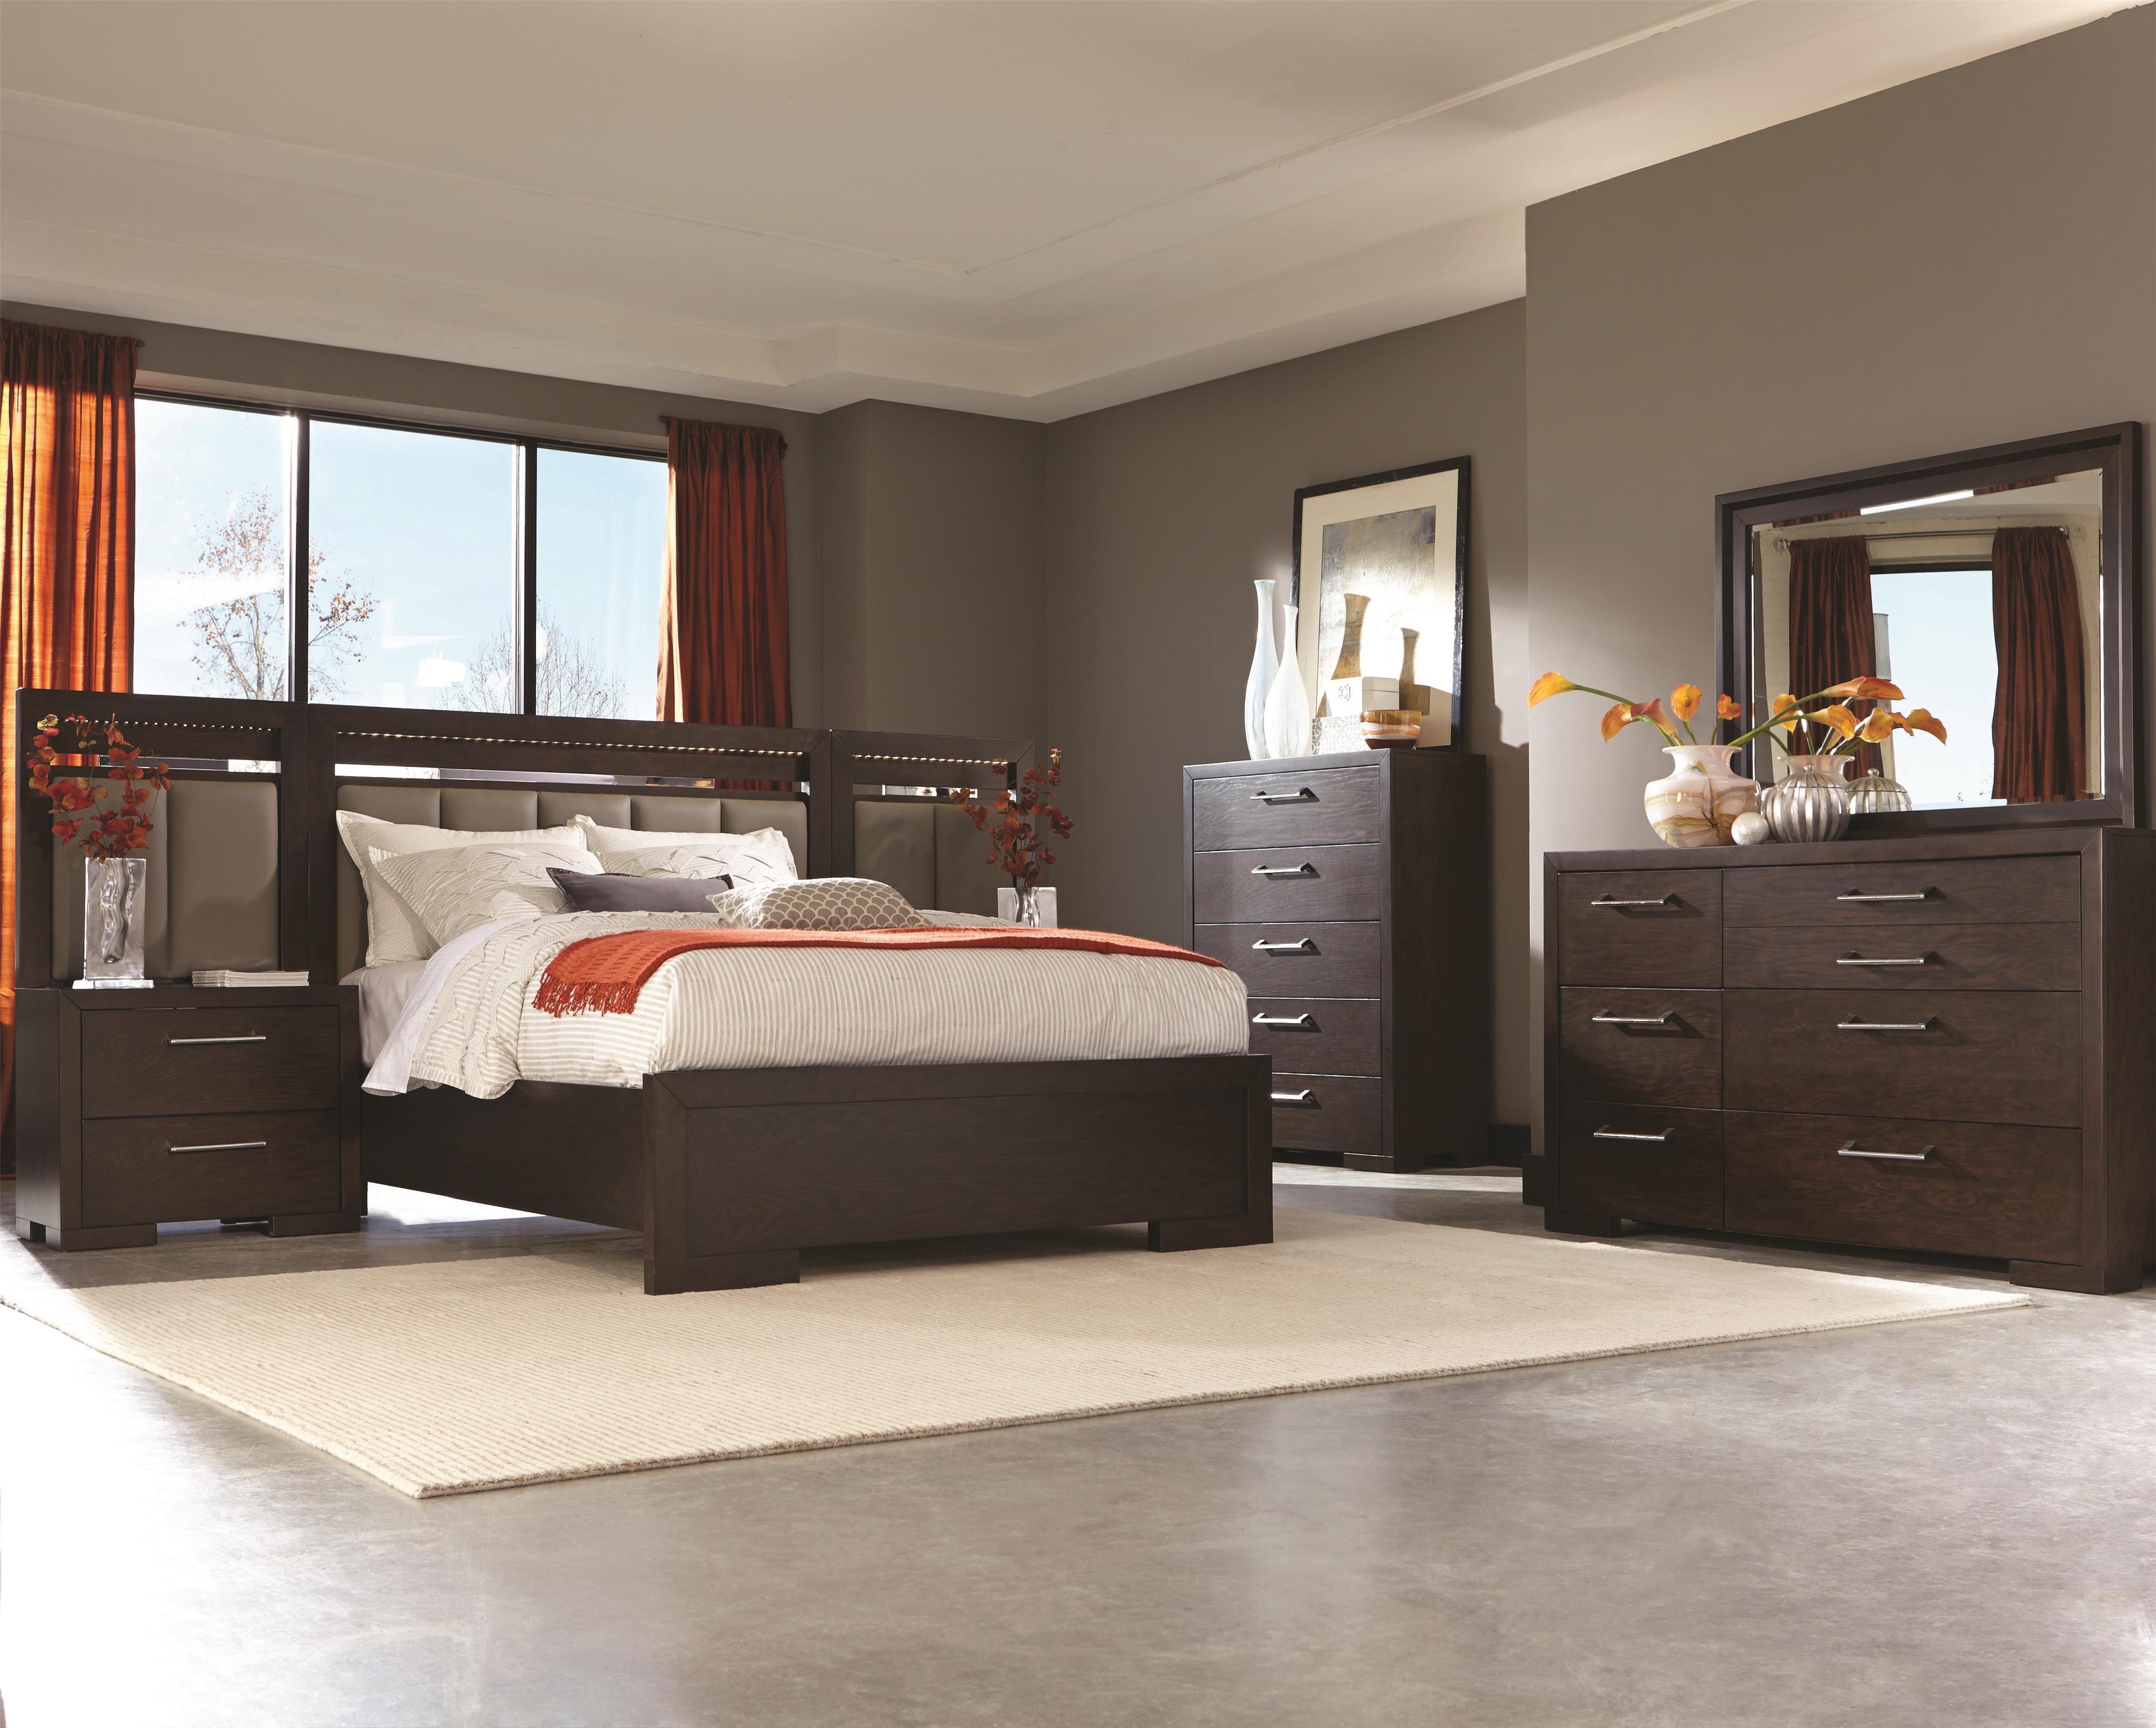 Coaster Berkshire Queen Bedroom Group 1 - Item Number: 20446 Q Bedroom Group 1